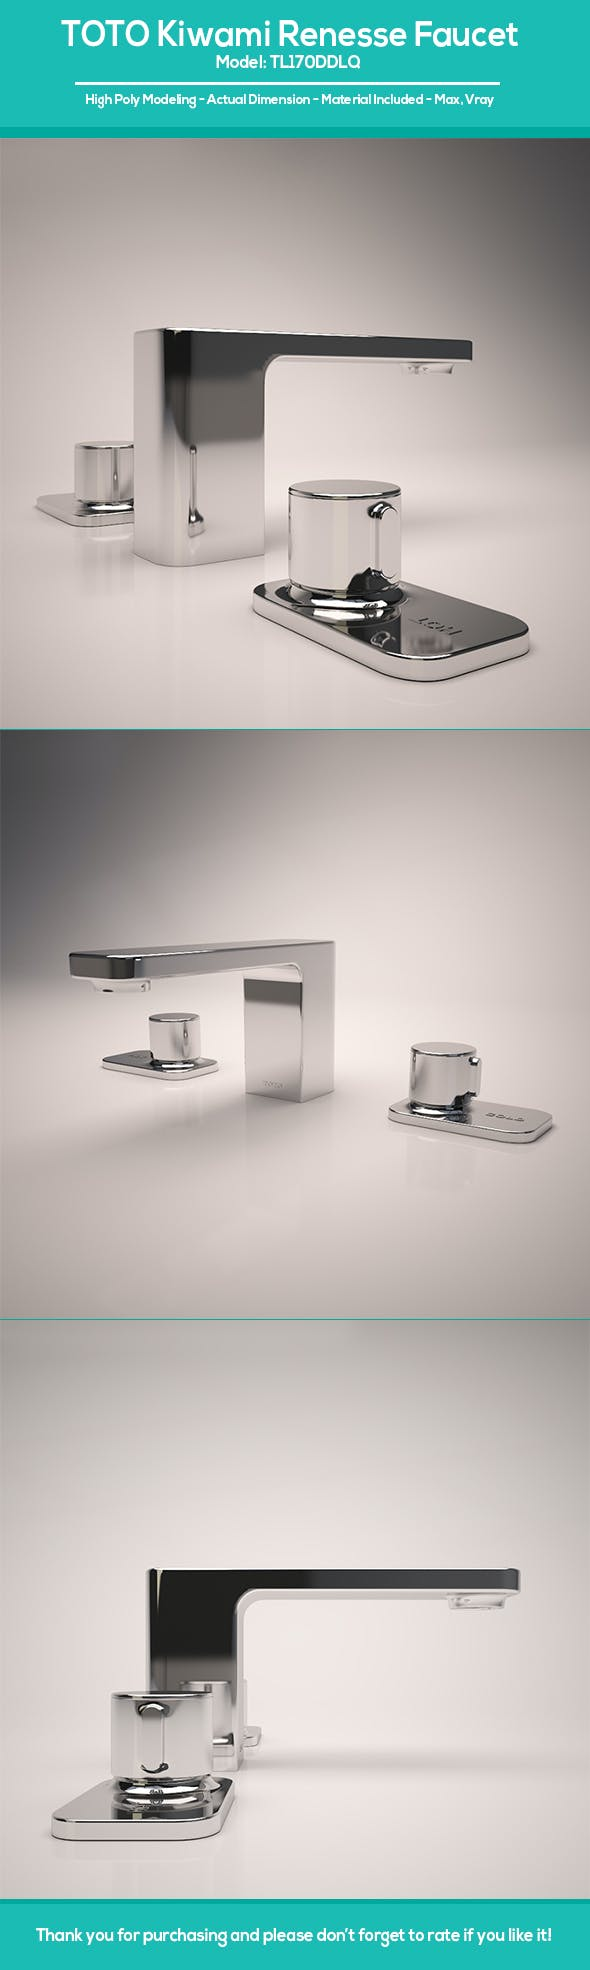 TOTO Kiwami Renesse Faucet - 3DOcean Item for Sale